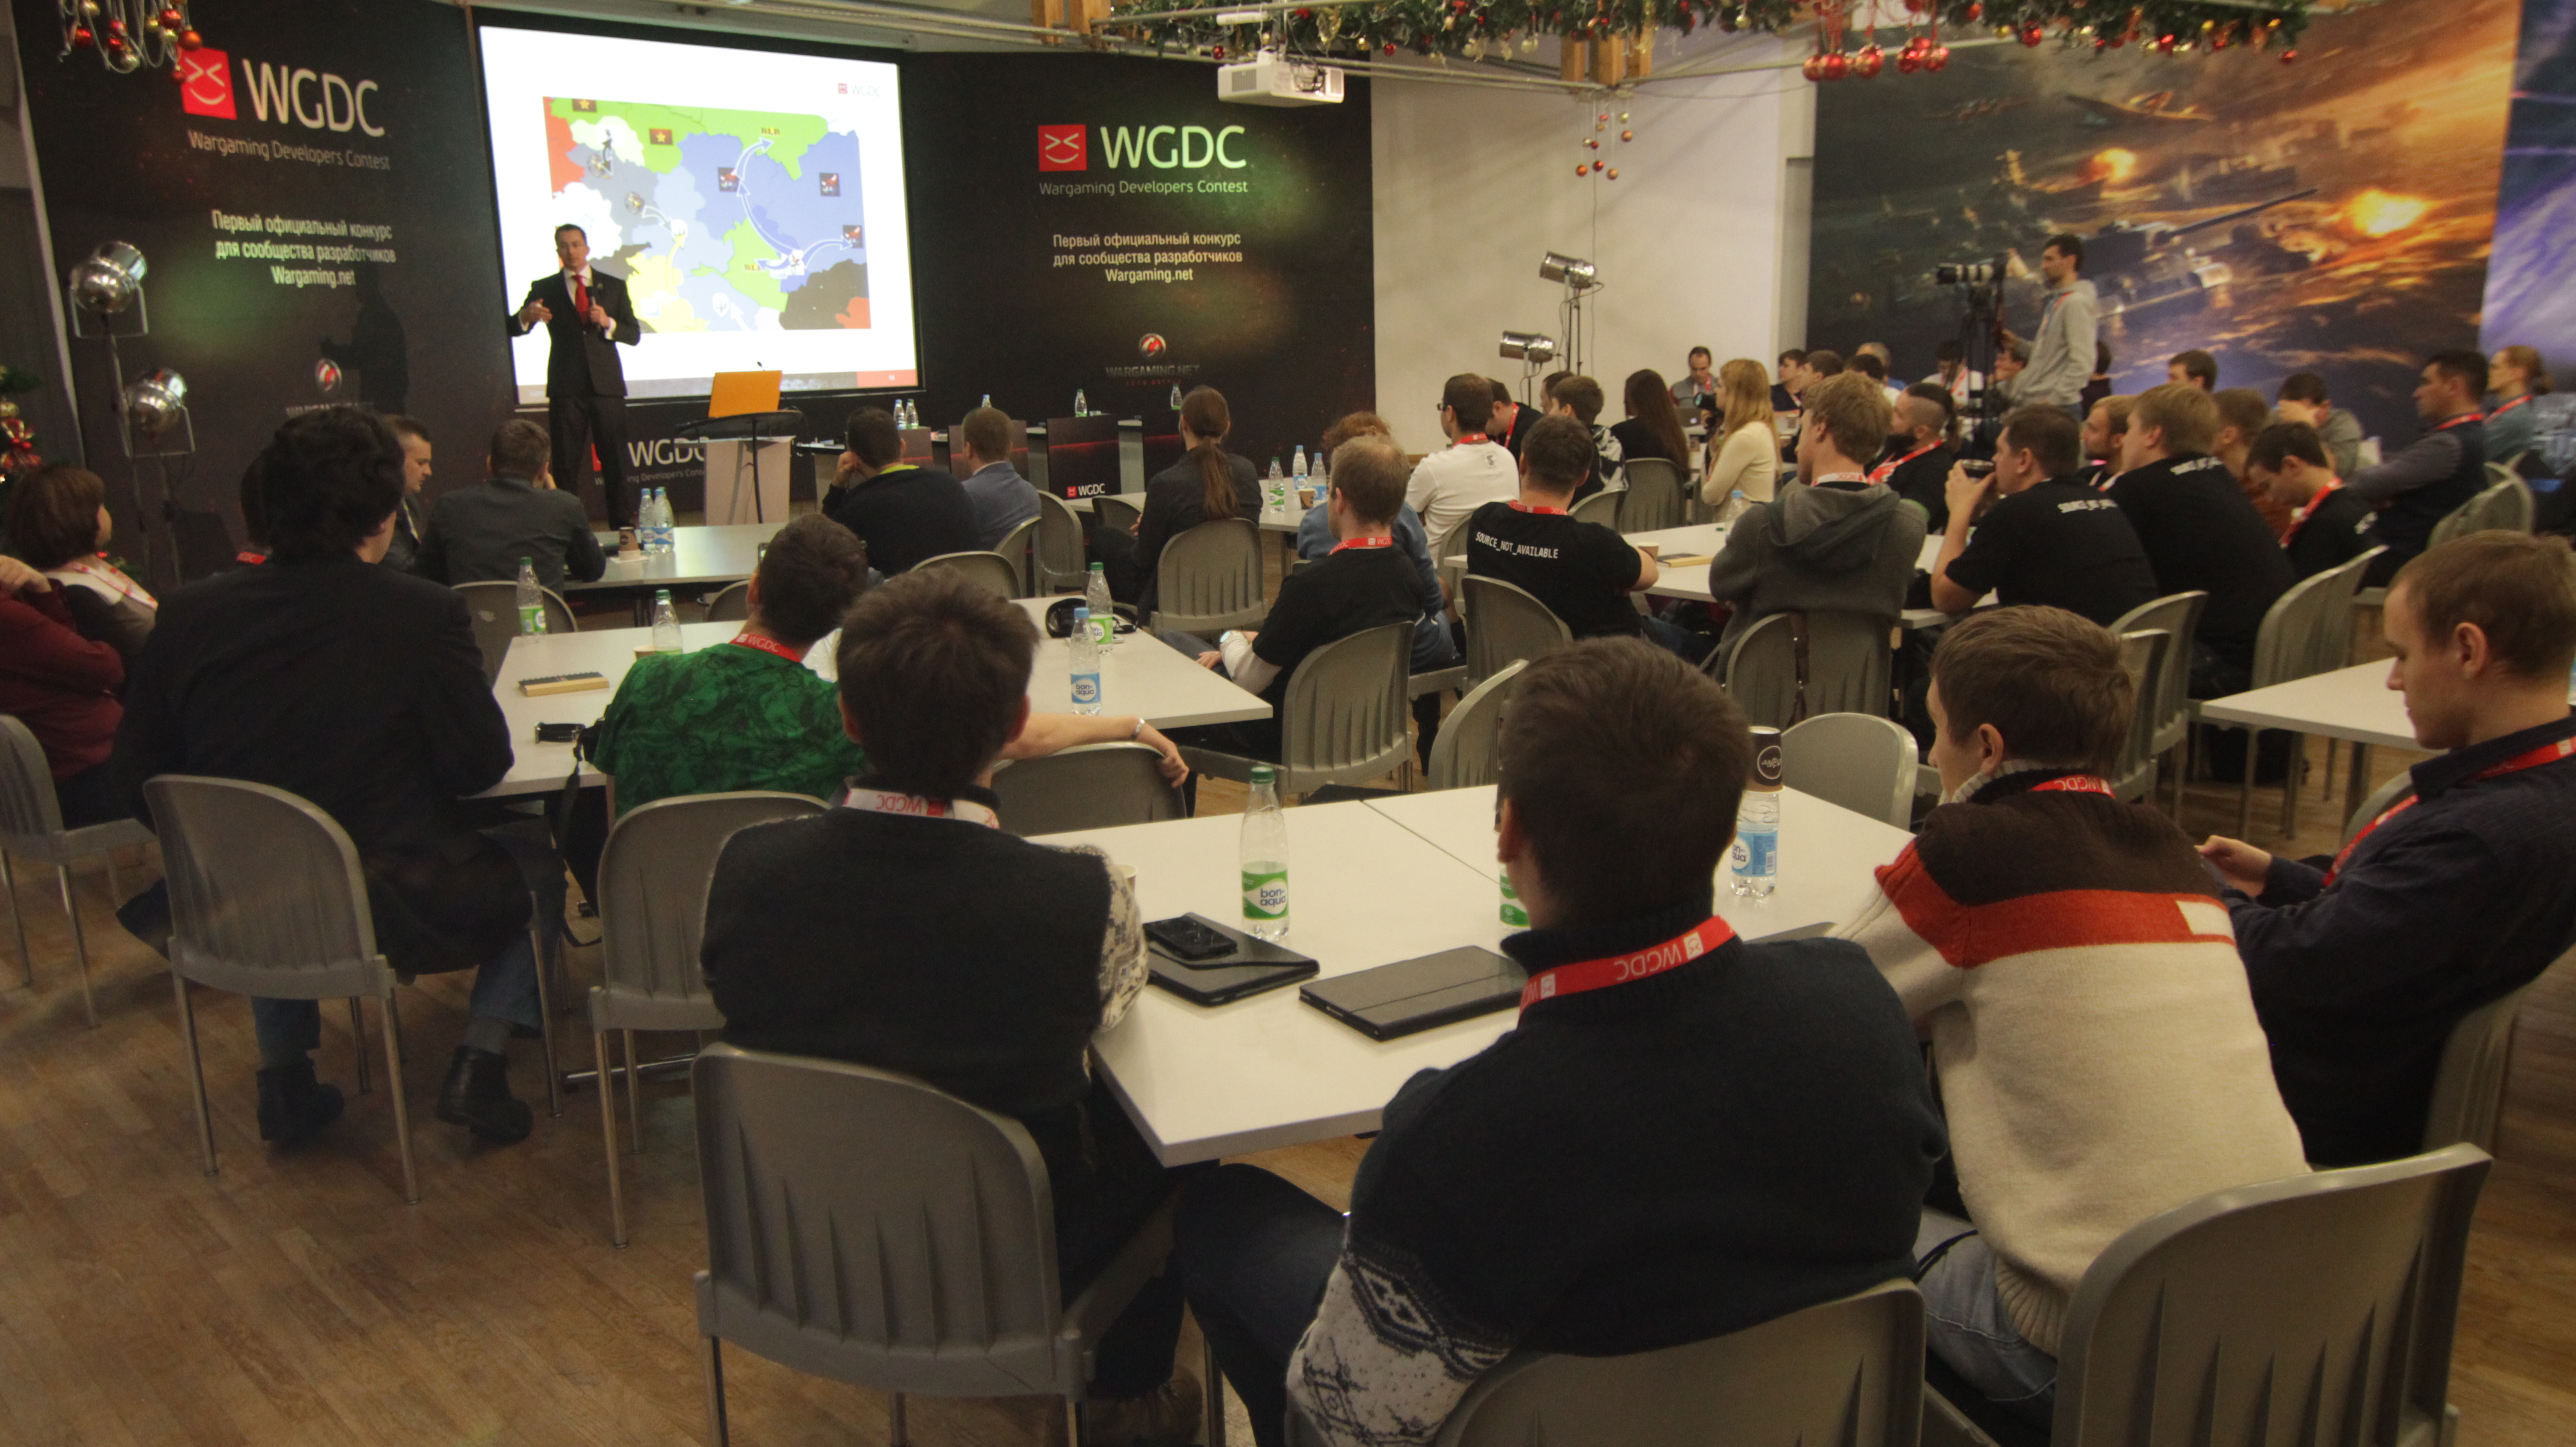 WGN_Photos_WGDC_Conference_Image_11